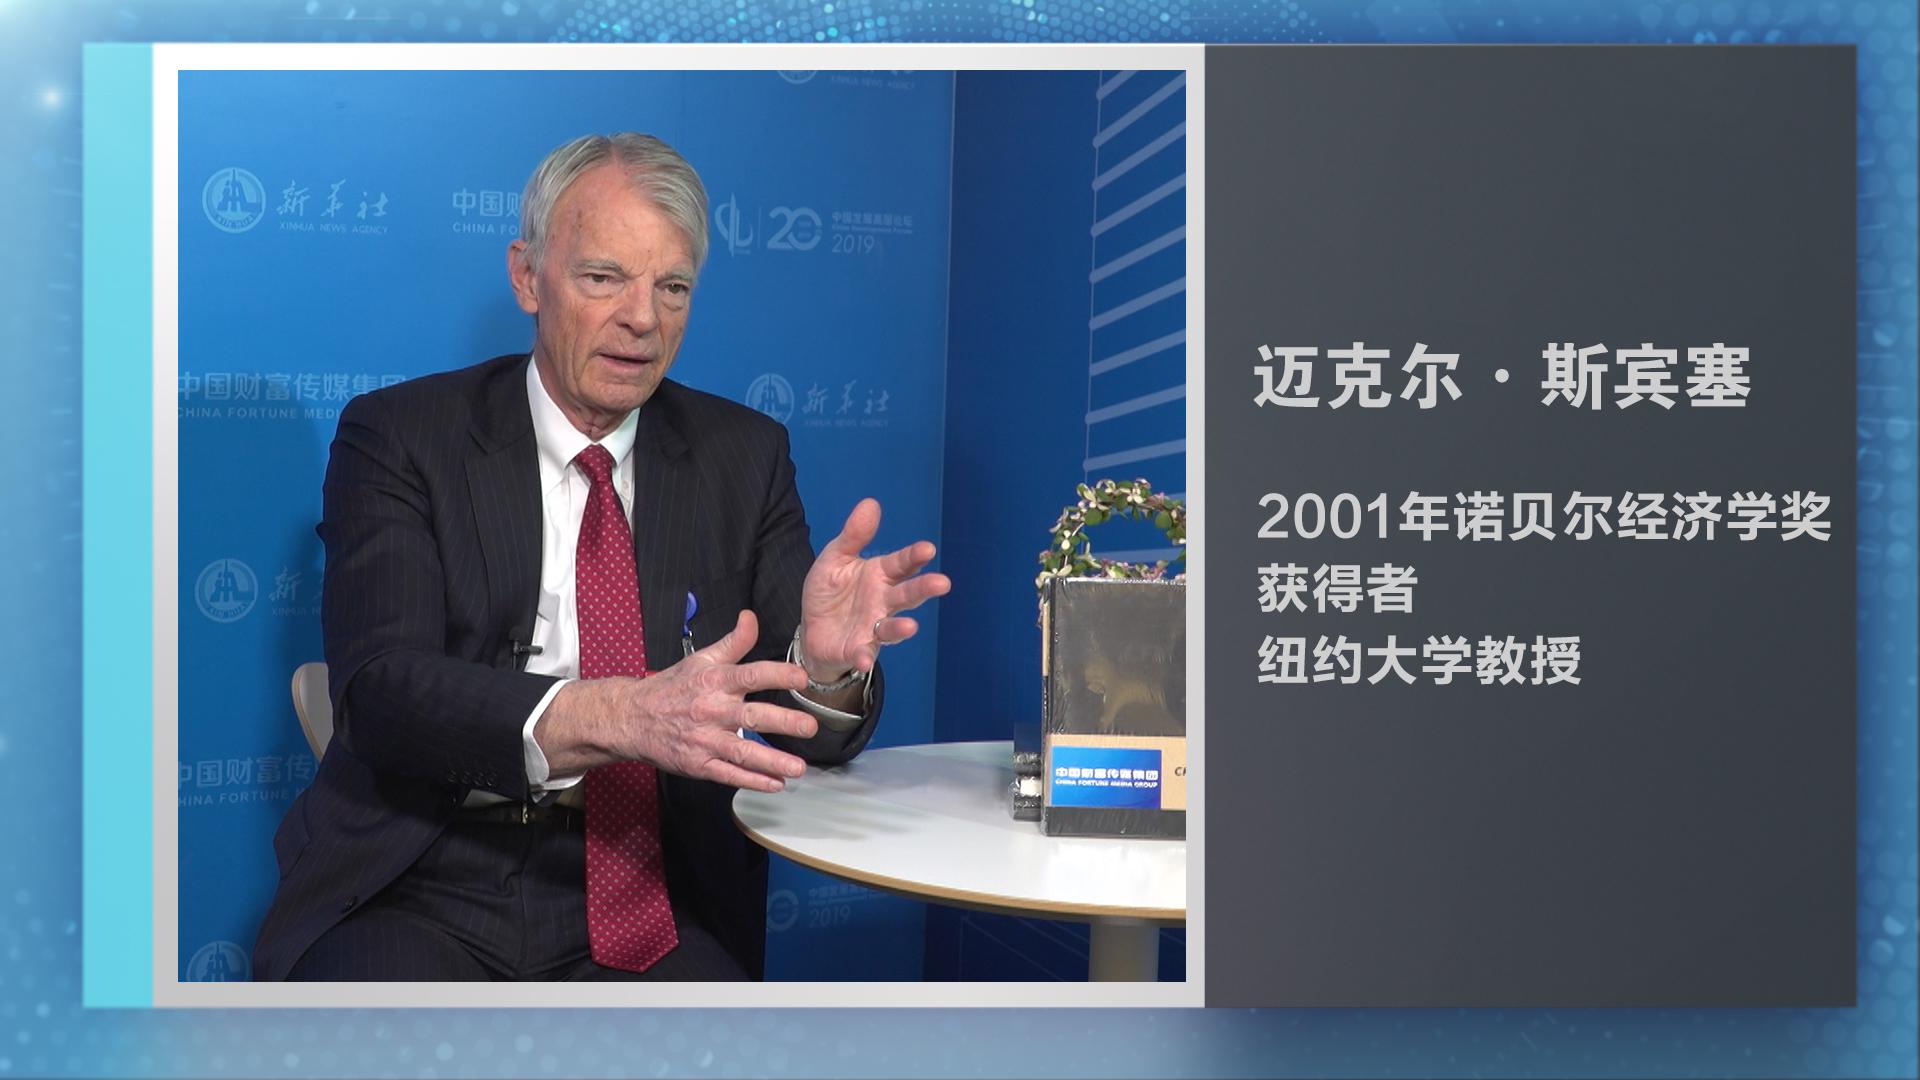 迈克尔·斯宾塞:数字经济是中国发展的巨大机遇